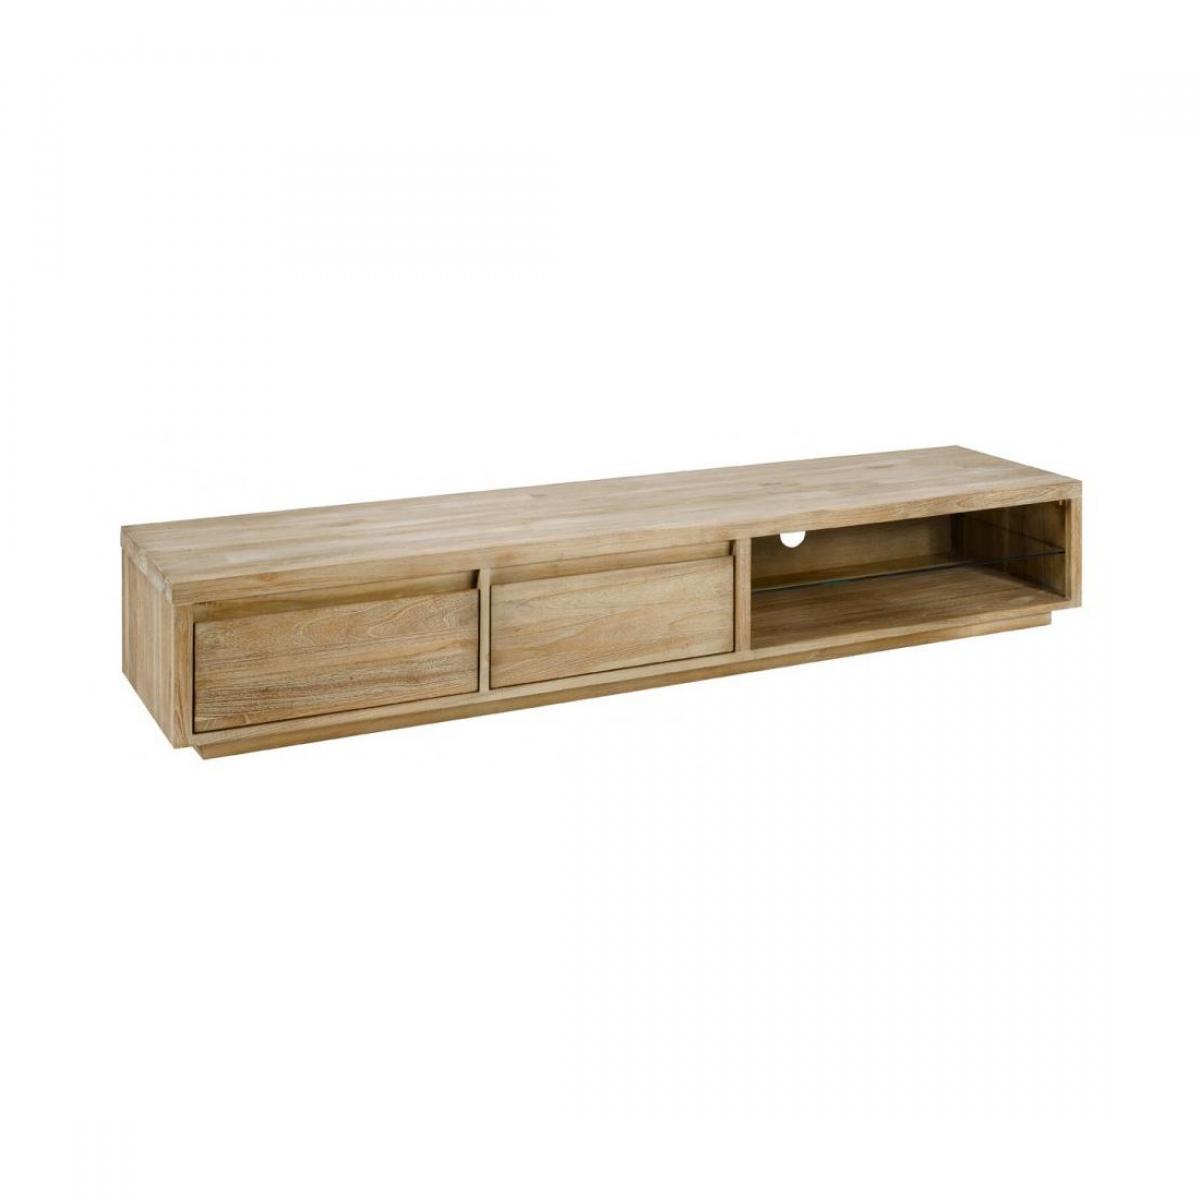 Zago meuble tv teck lin 2 niches 2 tiroirs cosmopolitan for Meuble tv zago